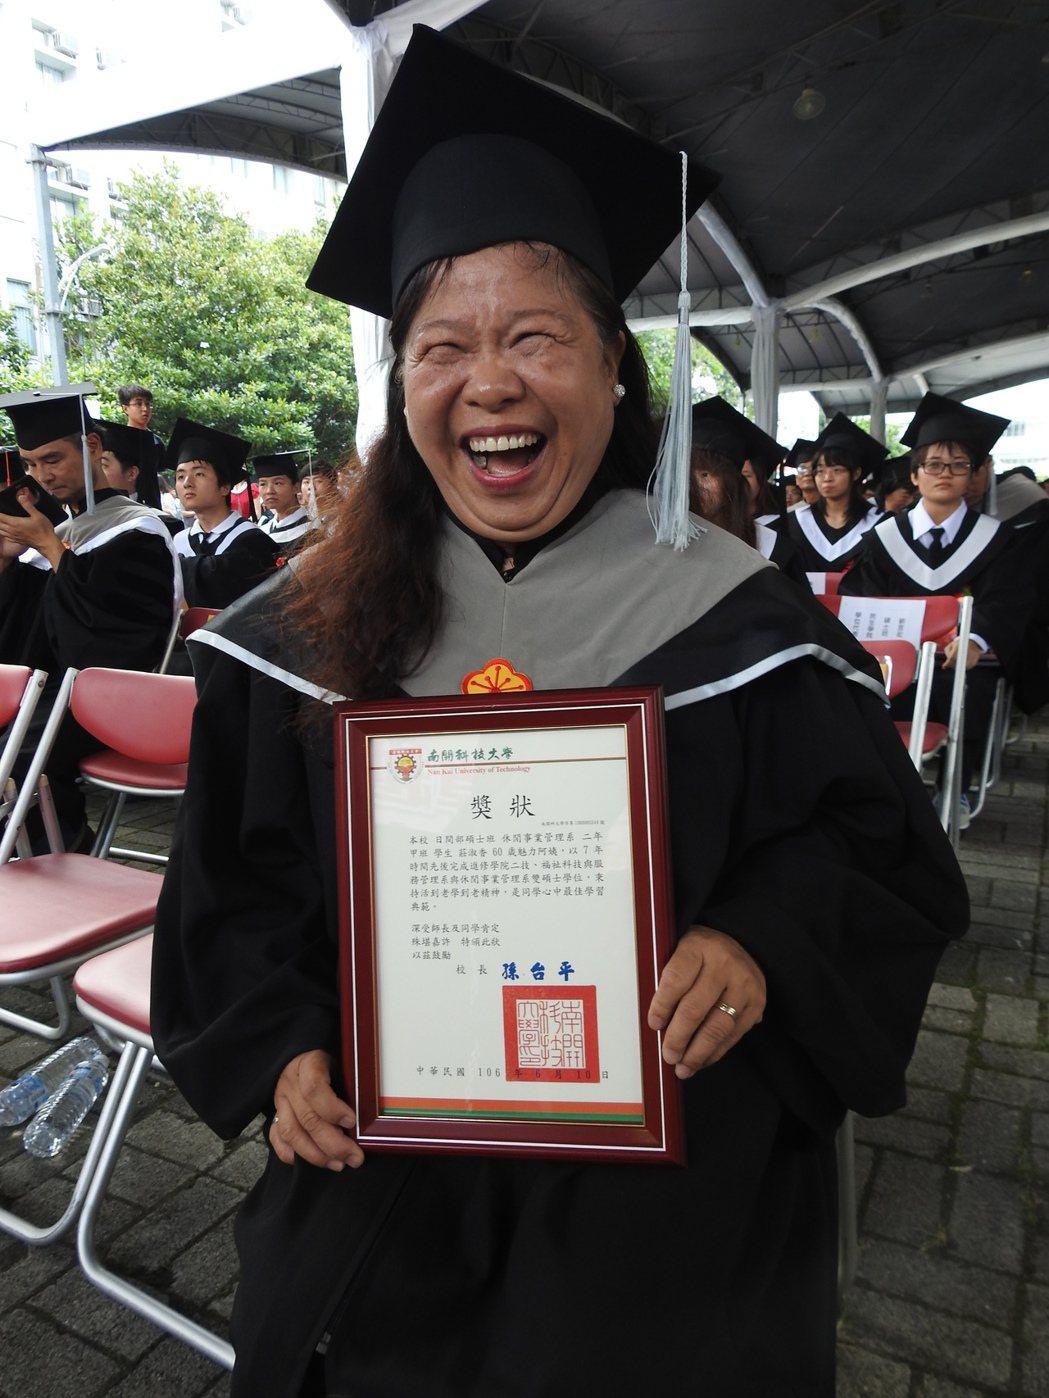 年屆60歲的莊淑香成功取得「雙碩士」學位,昨領到畢業證書開心大笑。 圖/賴香珊 ...